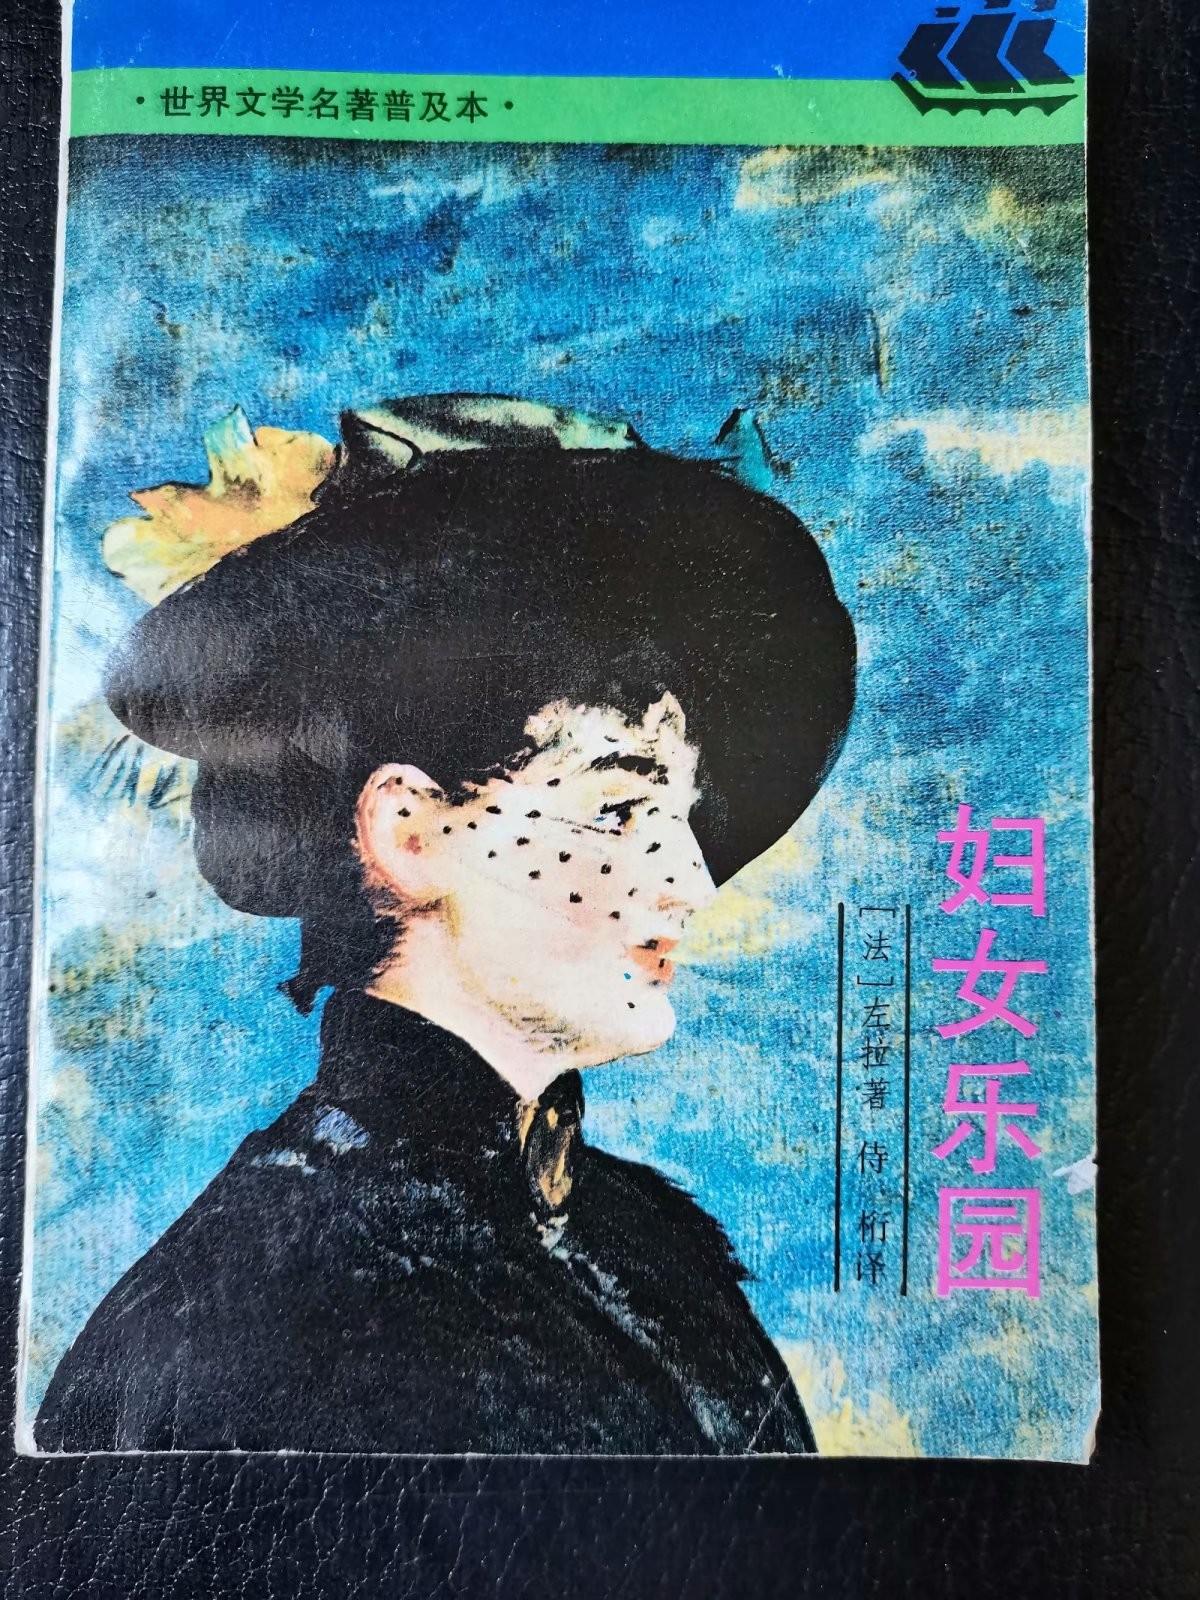 """二零二零年八月五日部分日记——:""""读完了左拉的《妇女乐园》"""" ..._图1-1"""